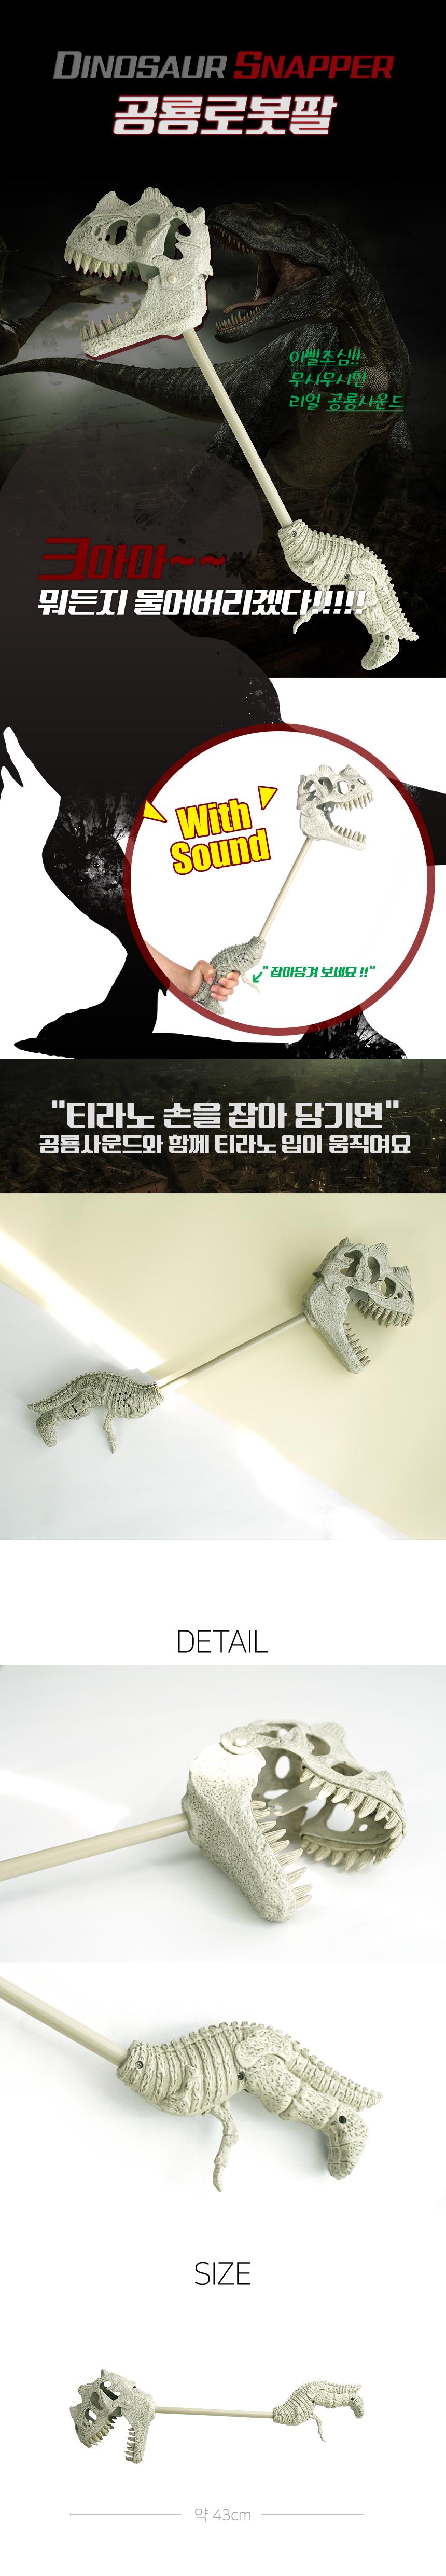 dinosaur_snapper.jpg